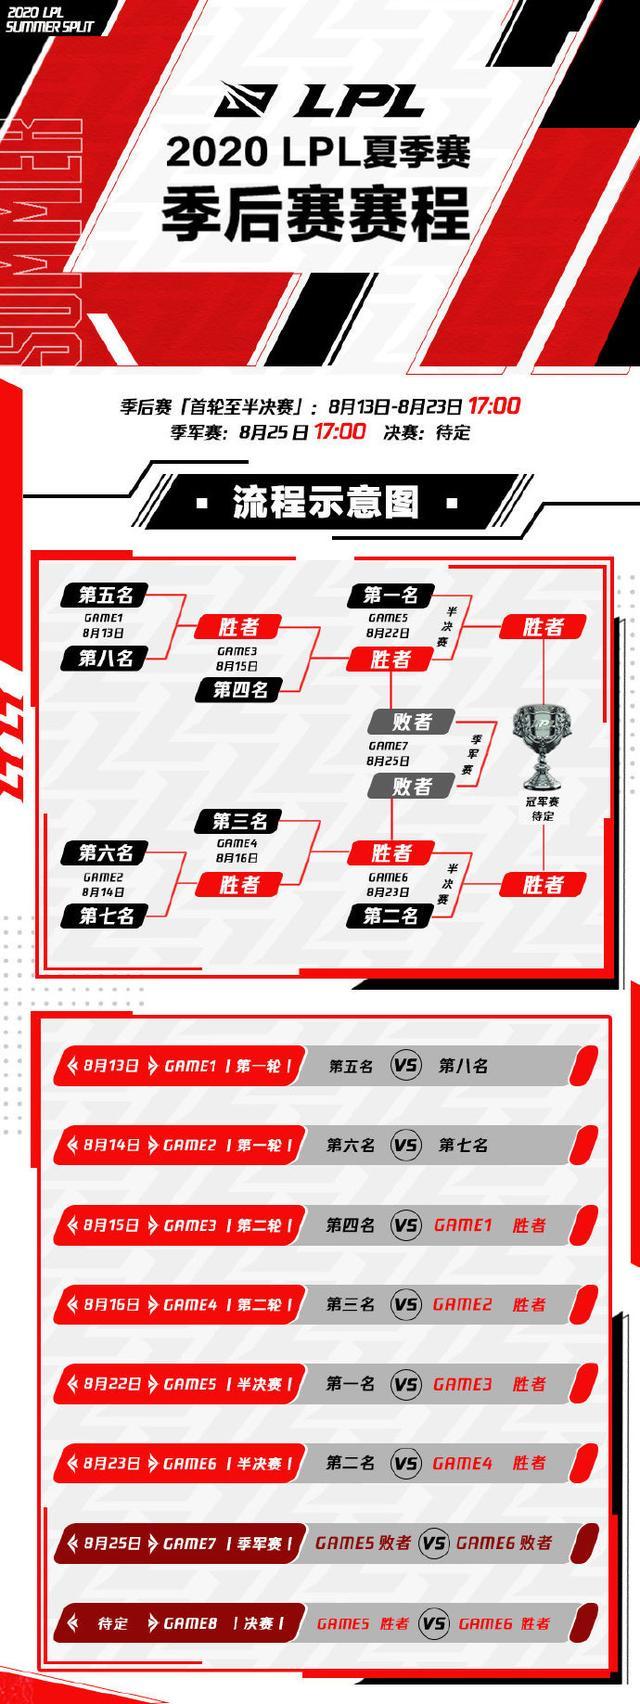 英雄联盟:LPL夏季赛季后赛细节——8月13日开启,线上赛形式进行